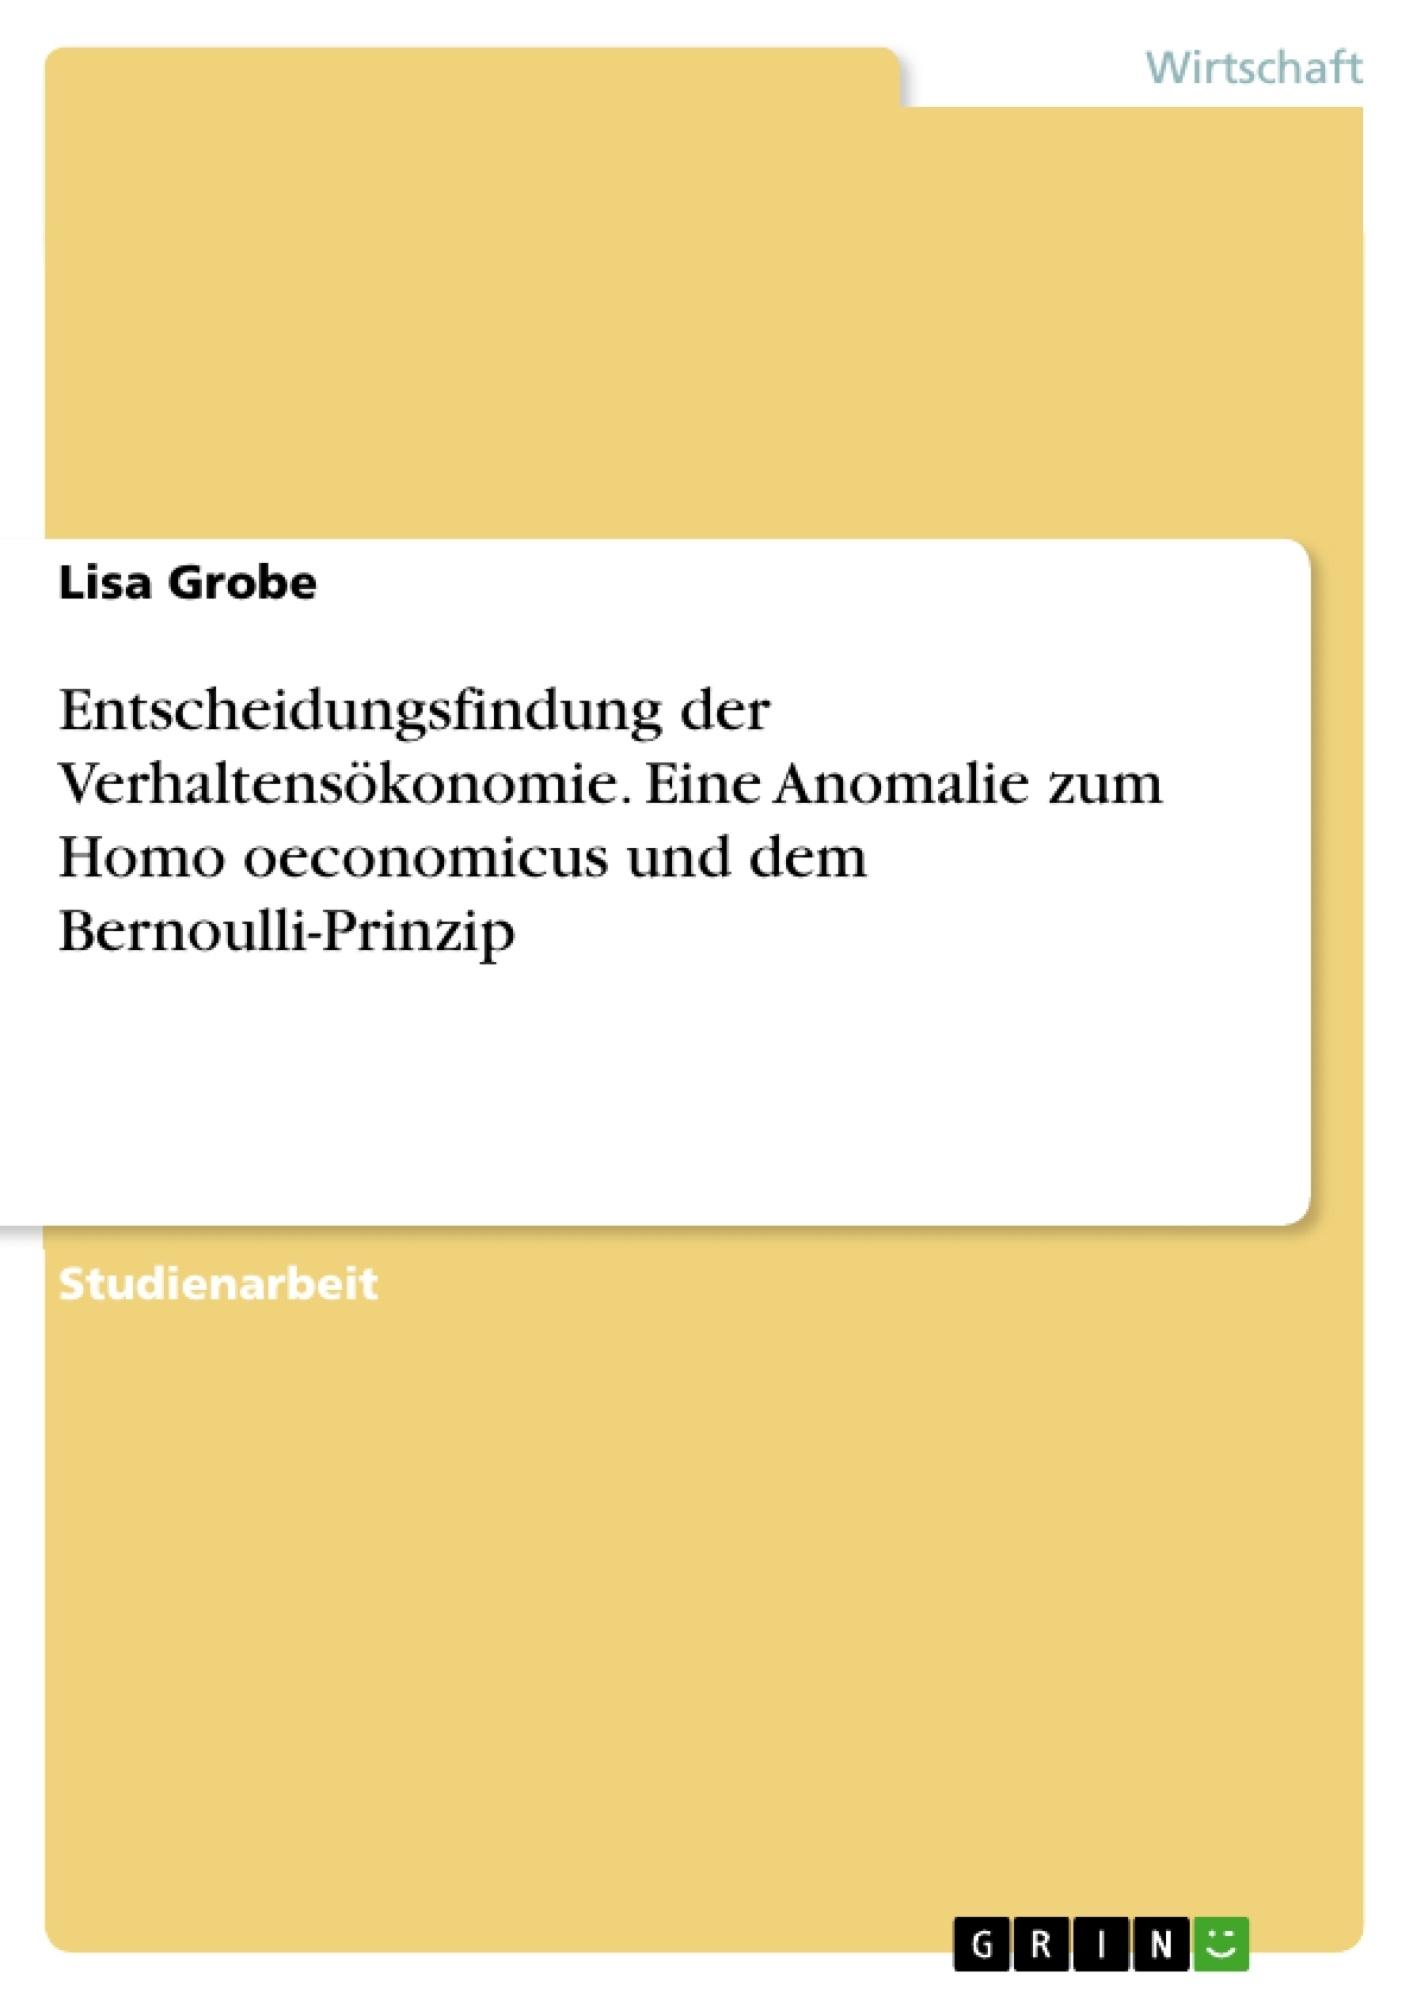 Titel: Entscheidungsfindung der Verhaltensökonomie. Eine Anomalie zum Homo oeconomicus und dem Bernoulli-Prinzip